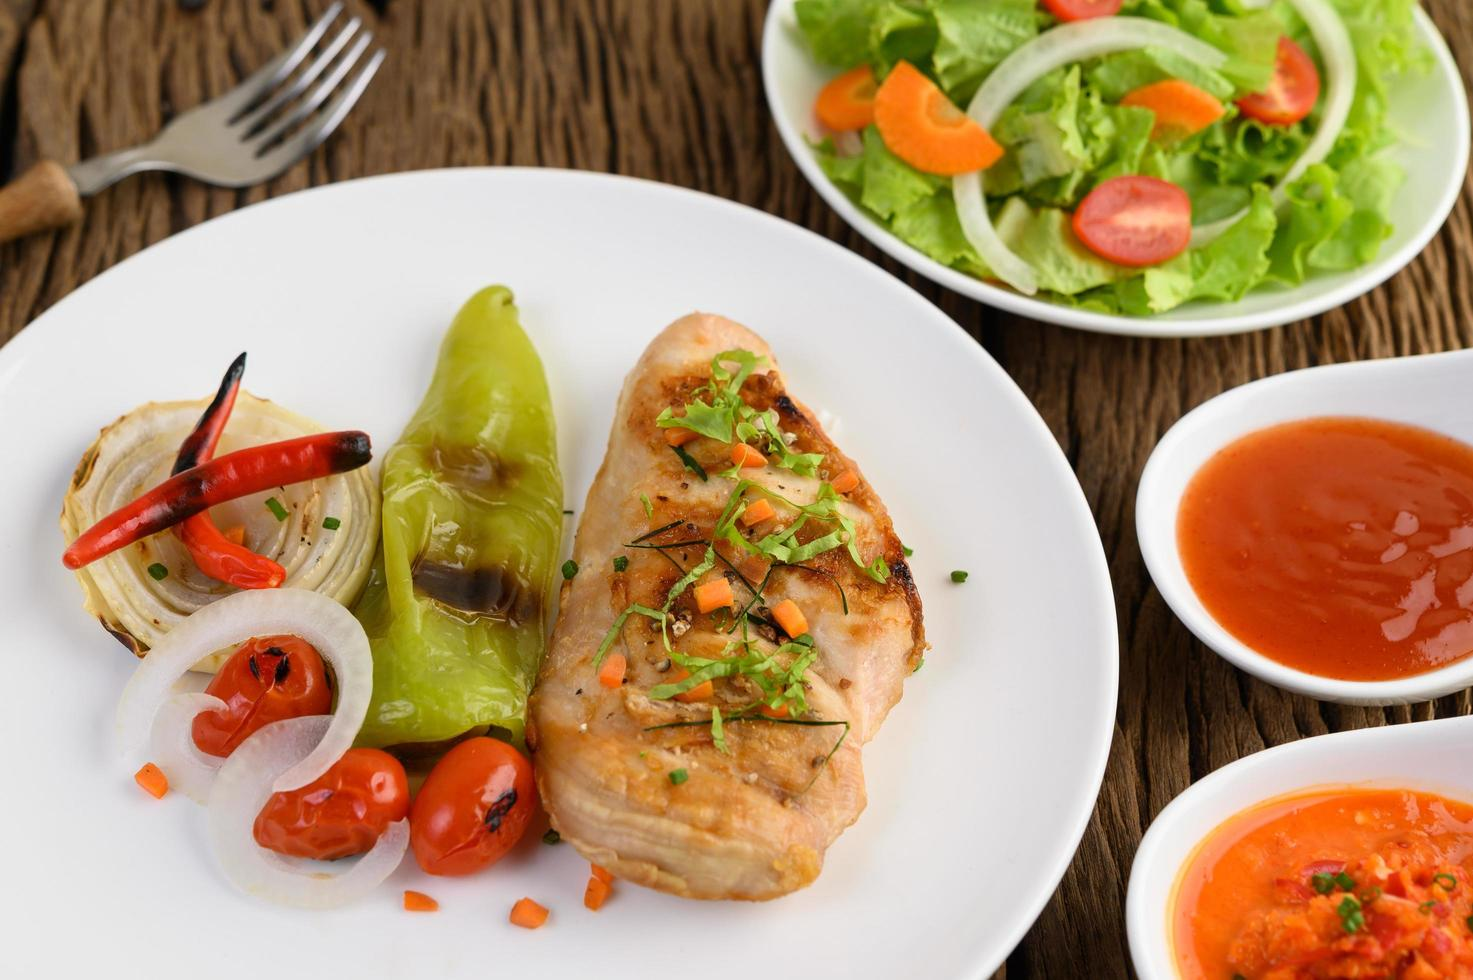 grillad kyckling med grillade grönsaker och sallad foto